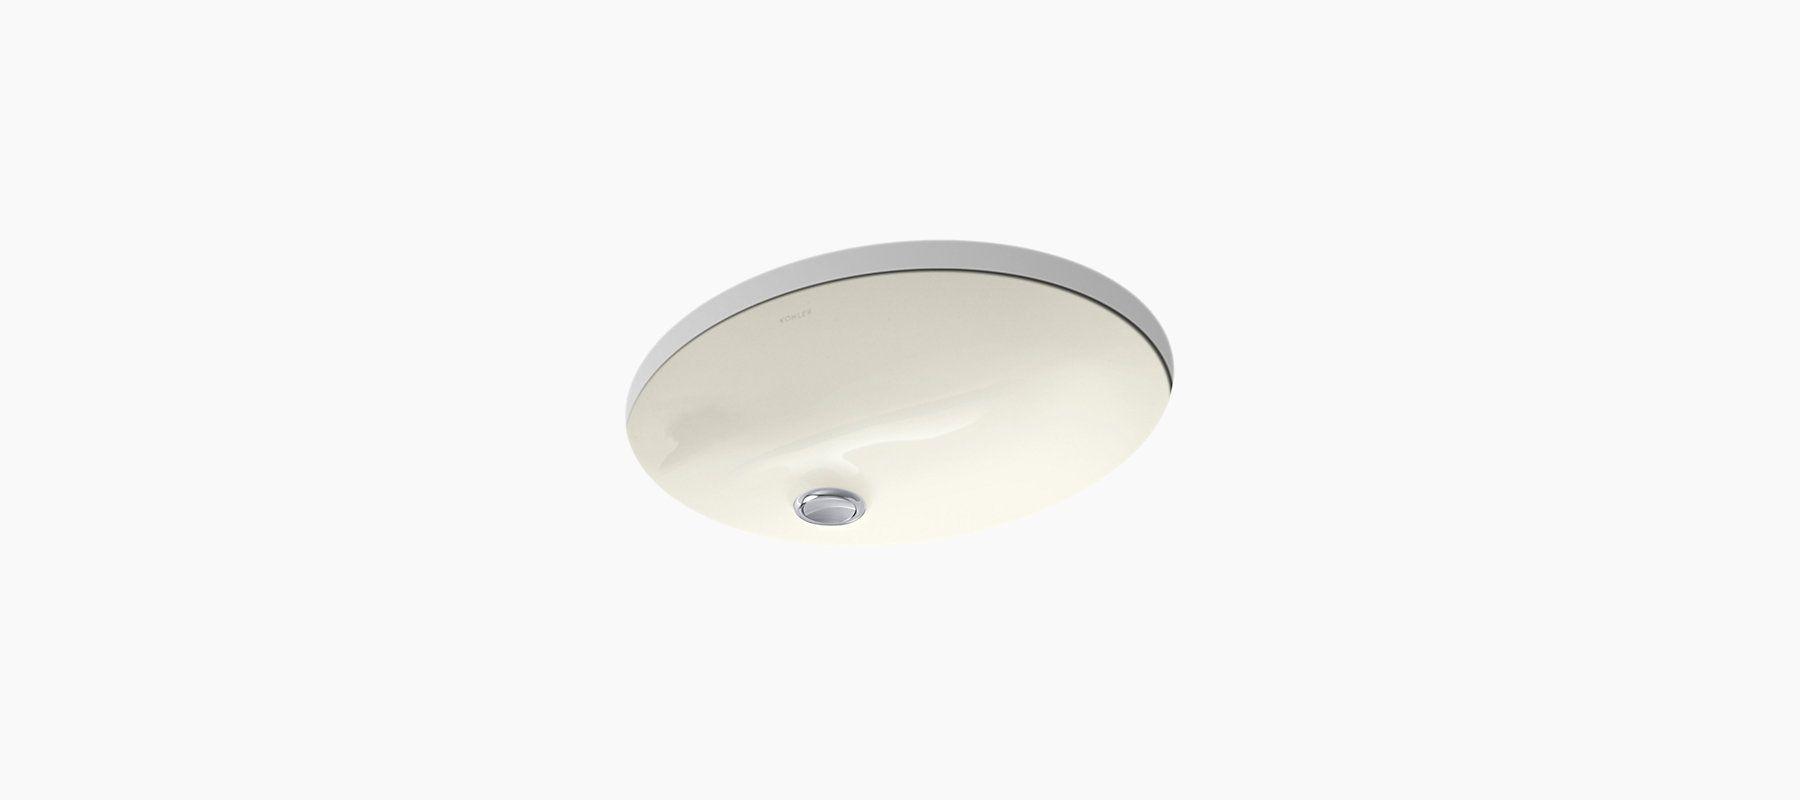 K 2209 | Caxton Undermount Sink, 15 By 12 Inches | KOHLER